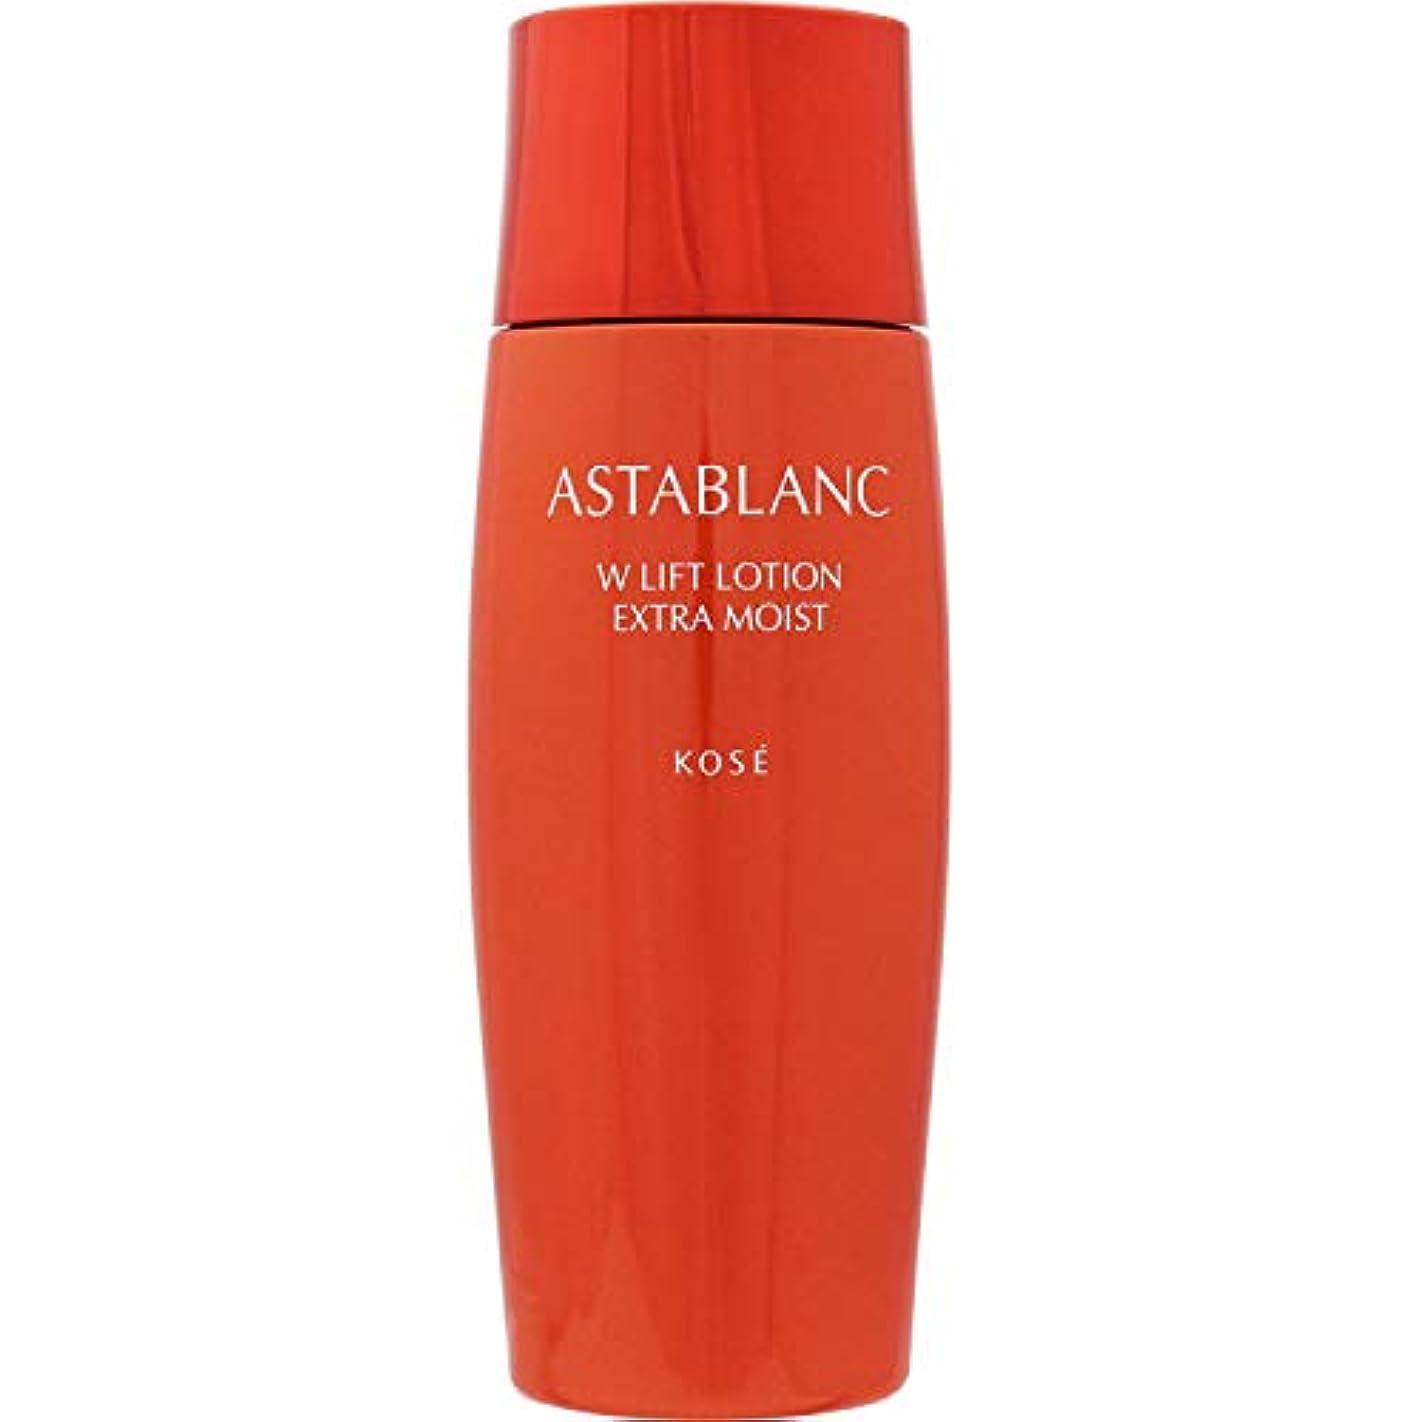 める代数仮定、想定。推測ASTABLANC(アスタブラン) アスタブラン Wリフト ローション とてもしっとり 化粧水 140mL